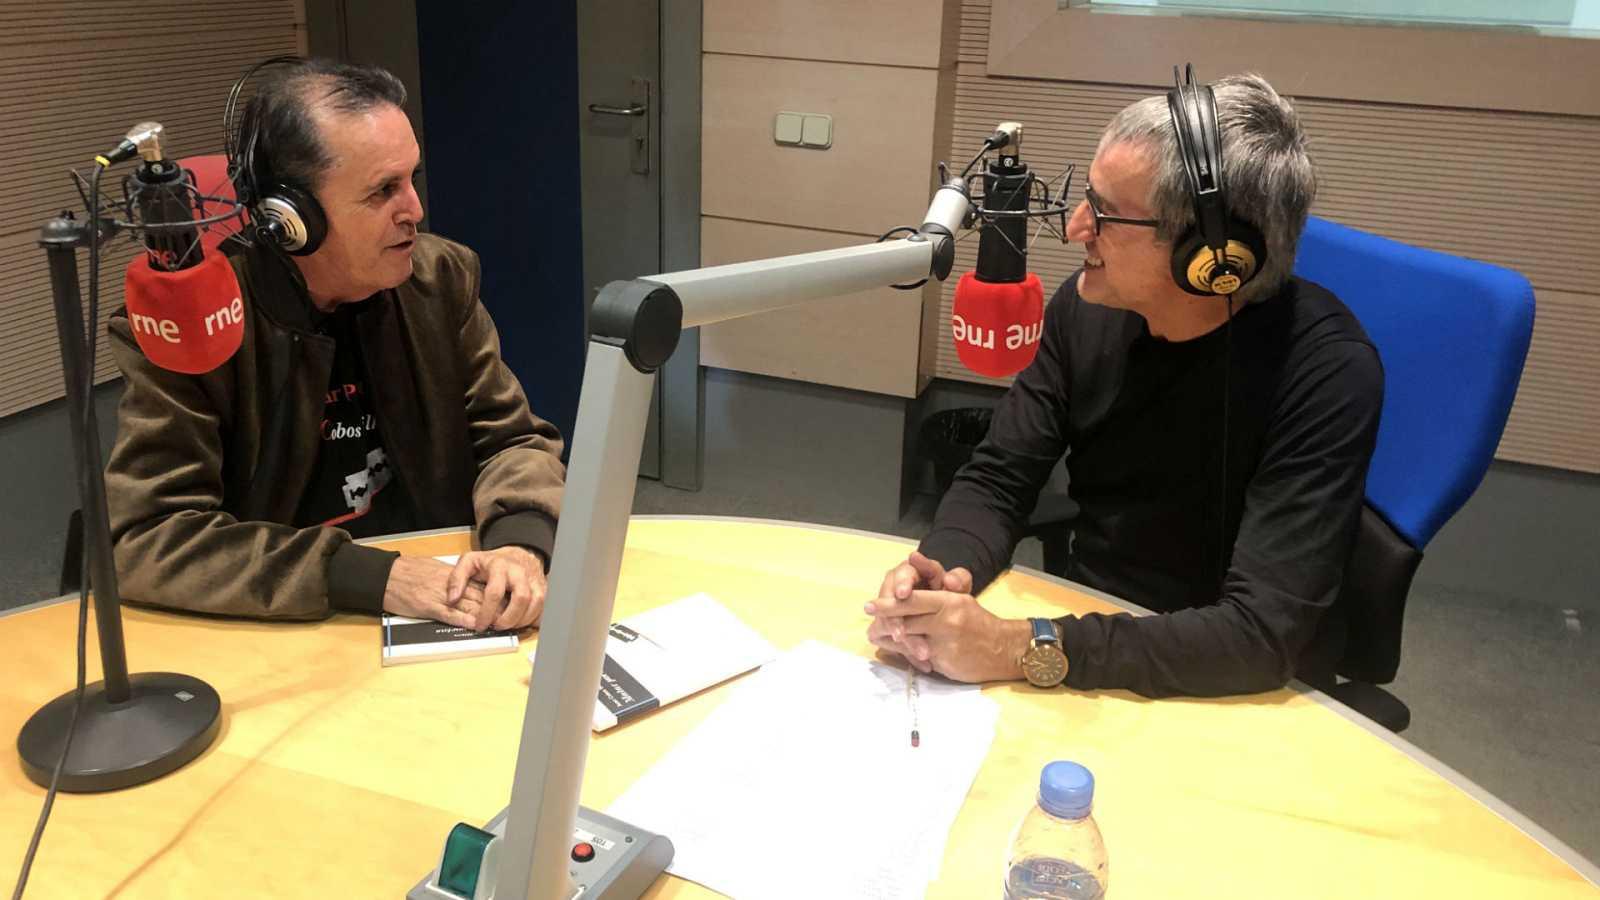 Diálogo y espejo - 'Matar poetas' con Juan Cobos Wilkins - 14/12/19 - escuchar ahora